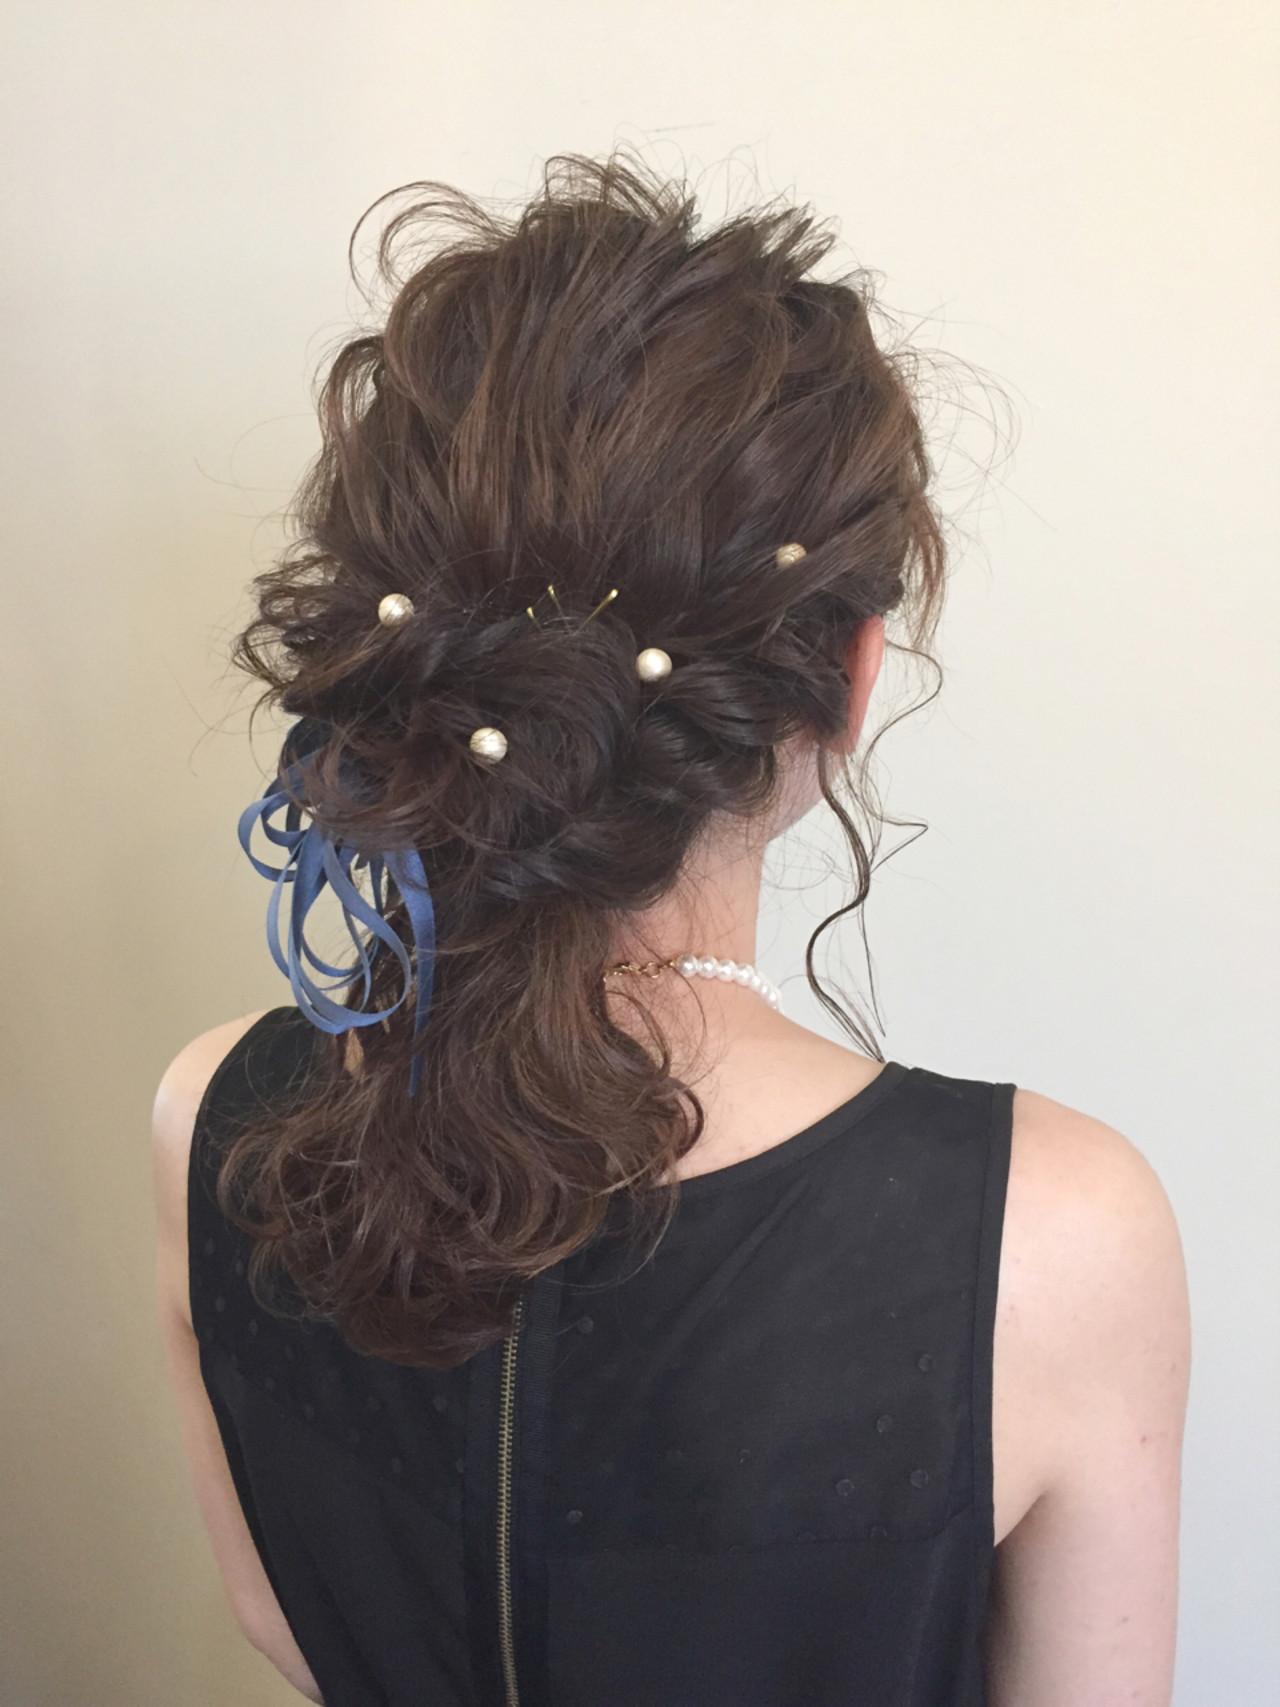 ゆるふわ 大人かわいい ショート 簡単ヘアアレンジ ヘアスタイルや髪型の写真・画像 | 荒井 麻矢 / spec holder